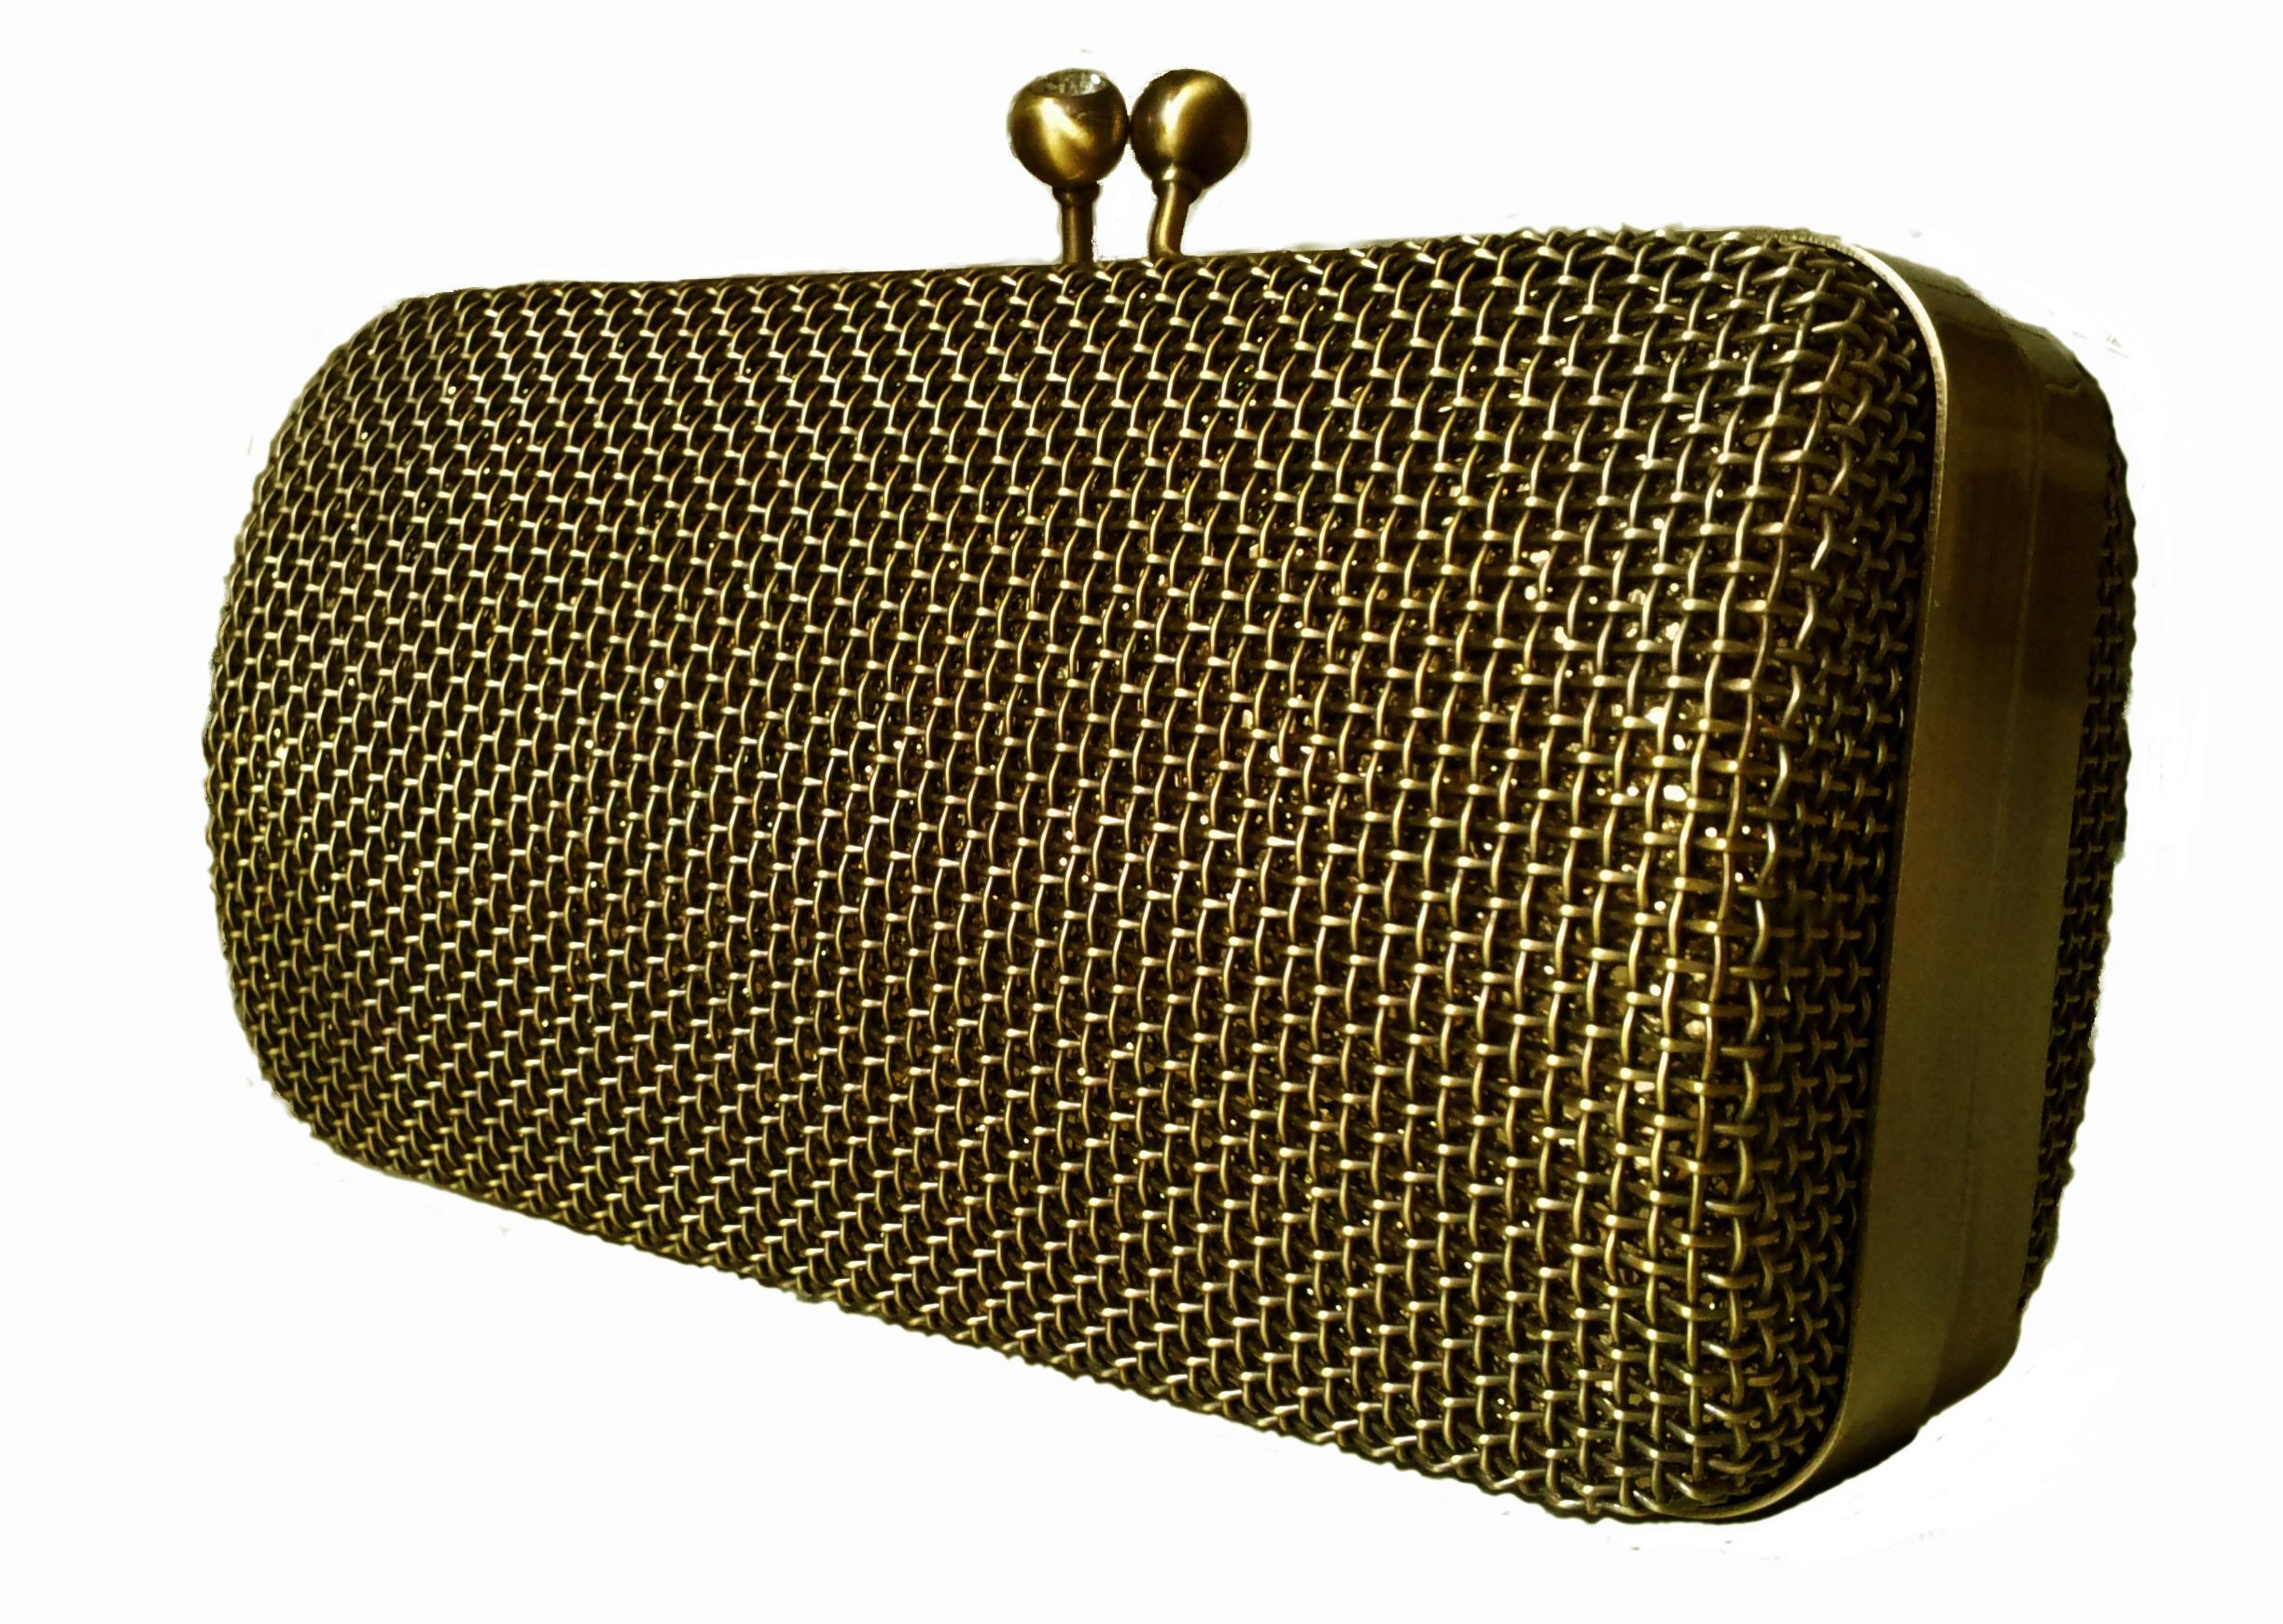 Kostenlose foto : Muster, Tasche, Mode, Handtasche, Kupfer, Rechteck ...